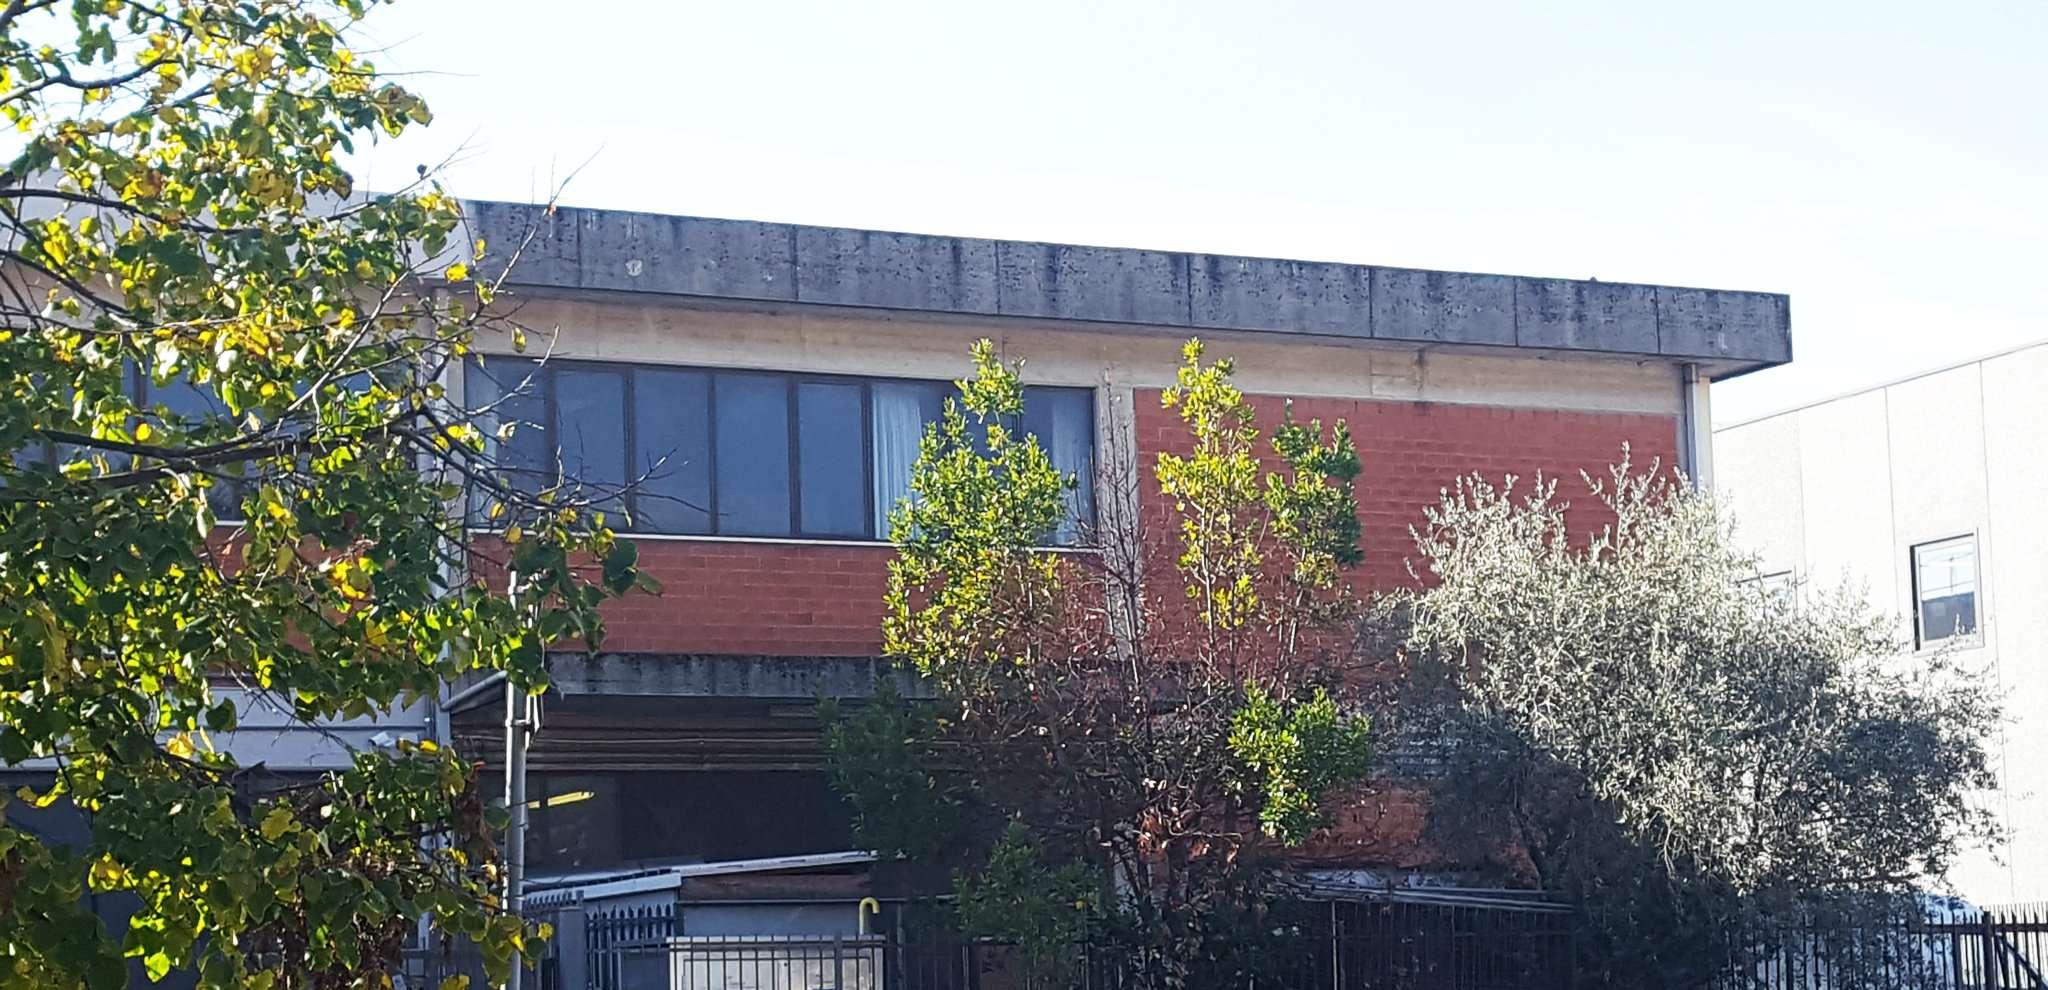 Laboratorio in vendita a Calenzano, 2 locali, prezzo € 135.000 | Cambio Casa.it